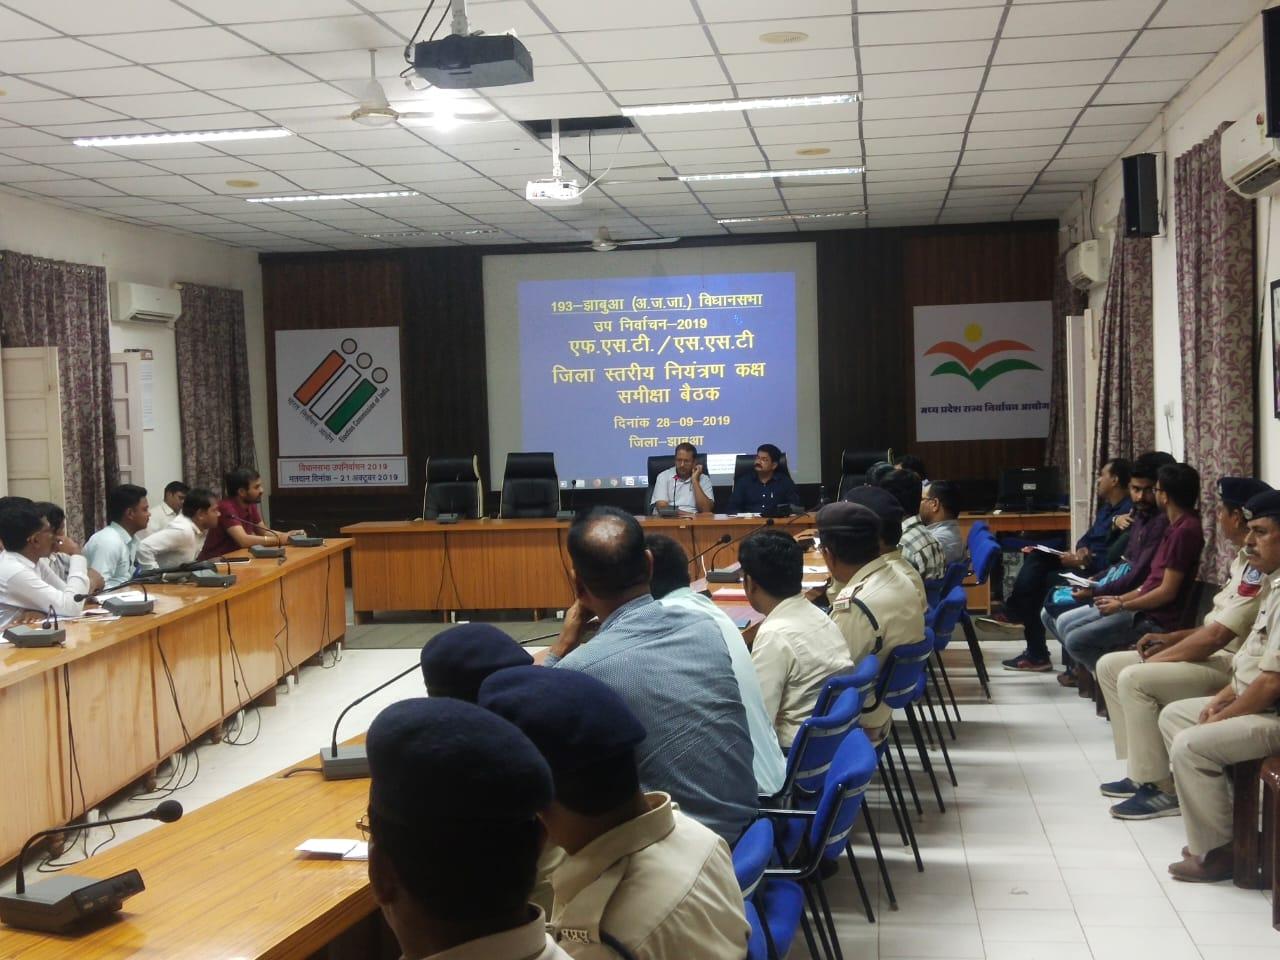 Jhabua News-फ्लाइंग स्काॅट एवं एसएसटी दल की समीक्षा बैठक सम्पन्न